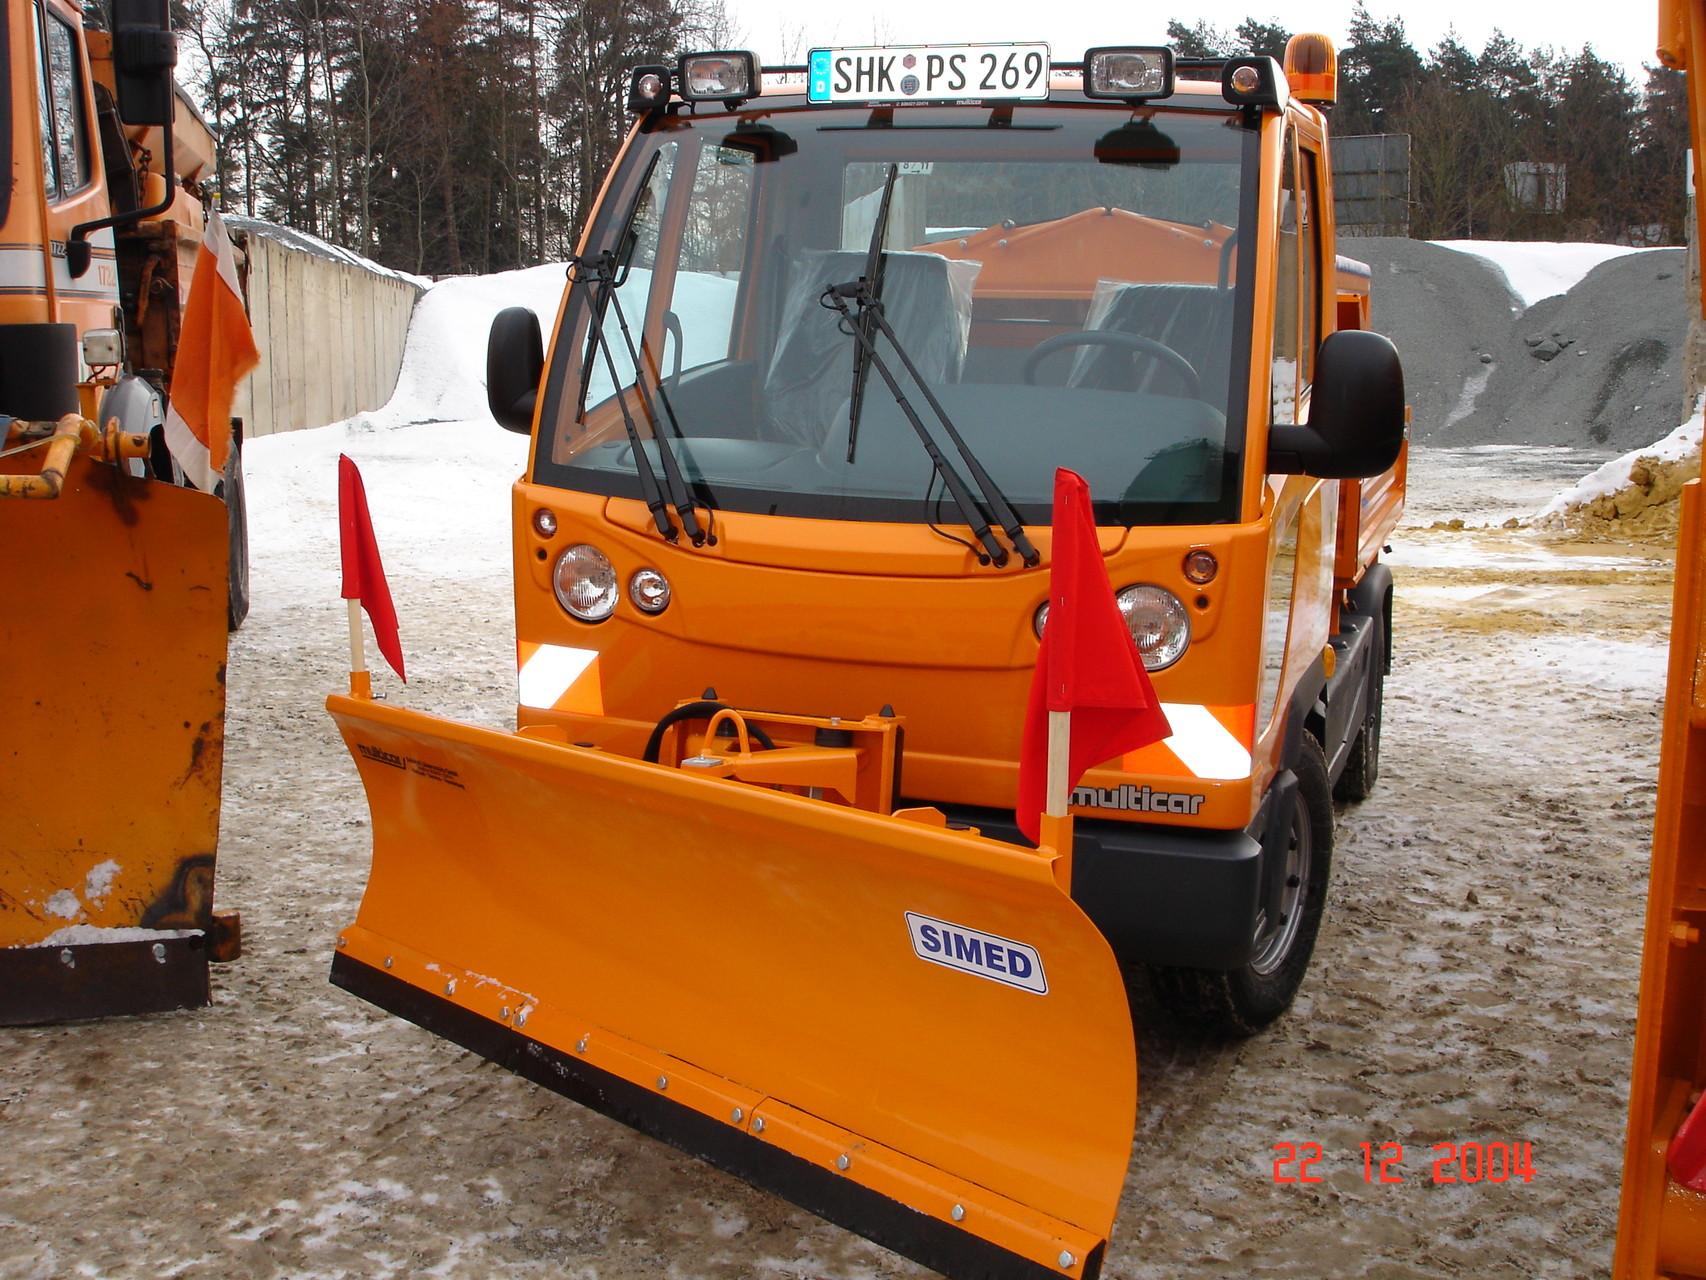 Multicar-Fahrzeug für Betriebshöfe, Parkplätze und Gemeinden